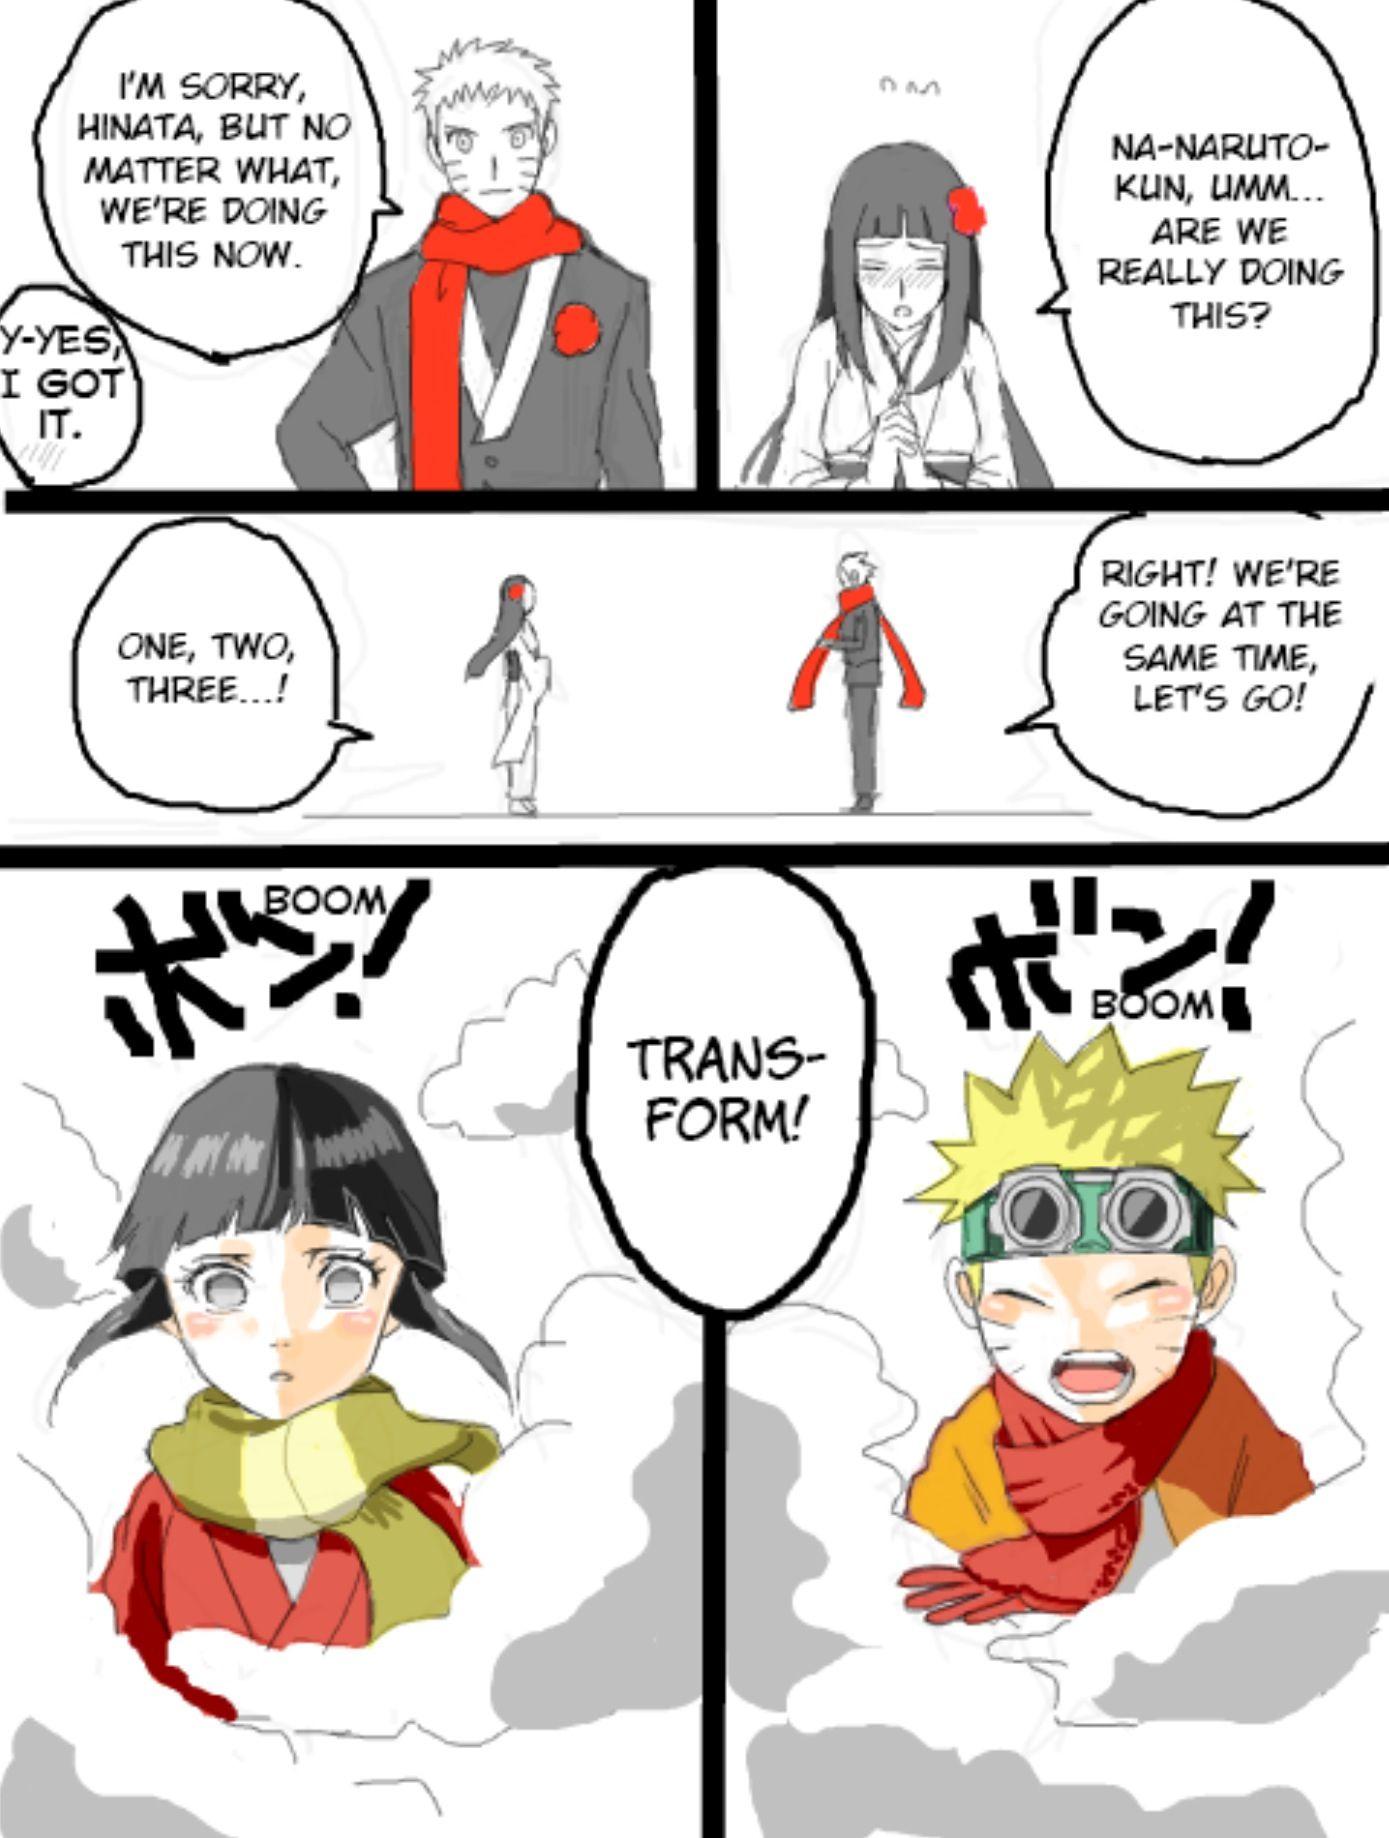 Pin by minato namikaze on Naruhina family manga Naruhina